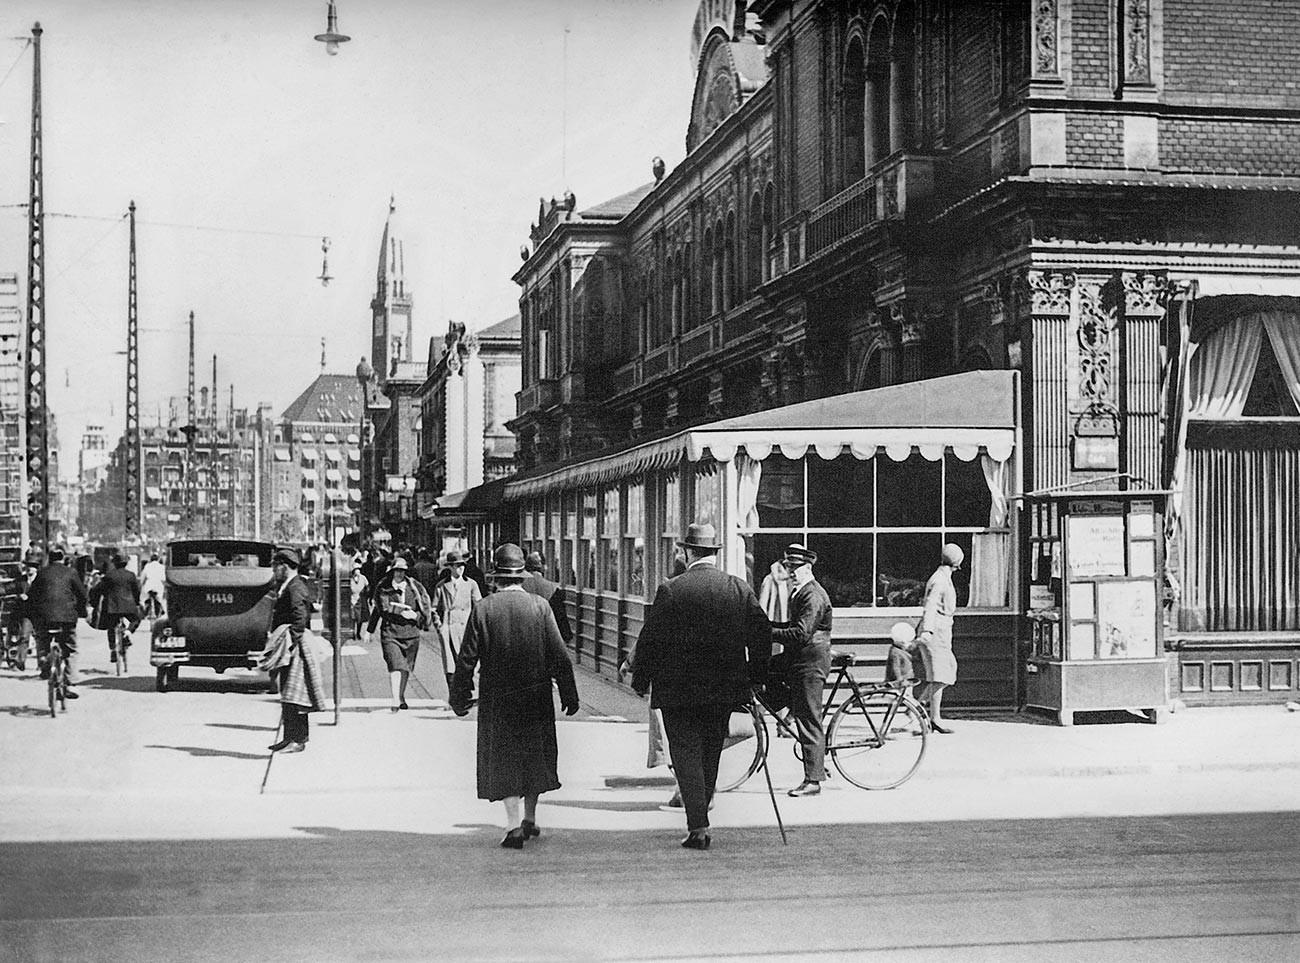 Prometna ulica u Kopenhagenu, 1931.